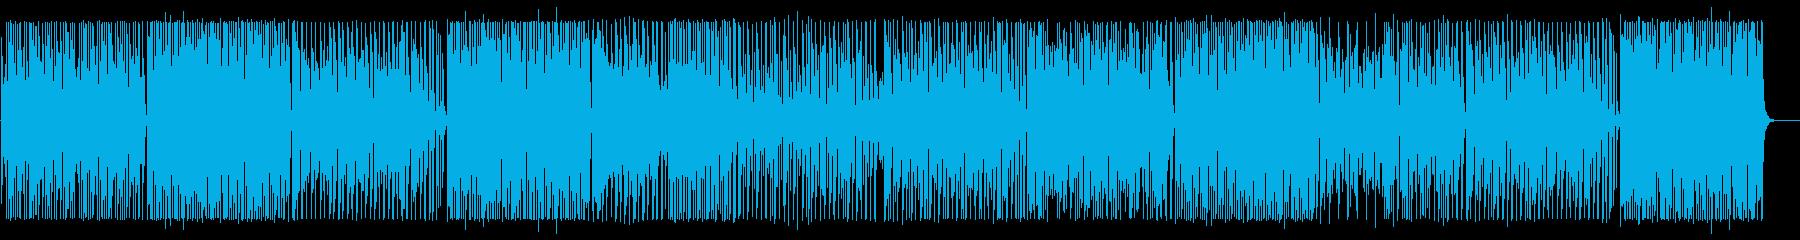 軽快でメローなシンセポップサウンドの再生済みの波形